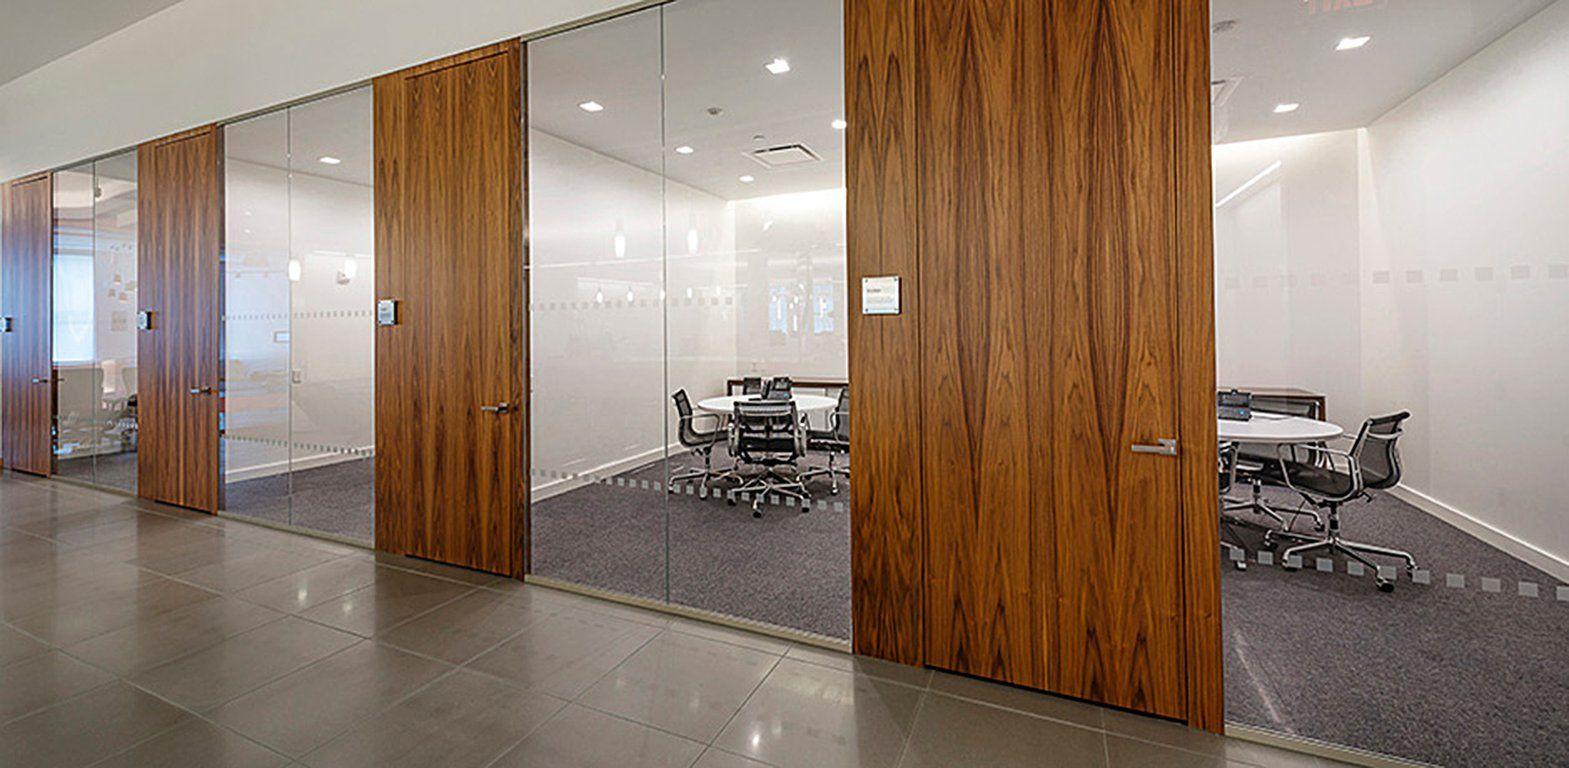 Exterior glass office door - Wood Office Swing Doors Panels Modernus